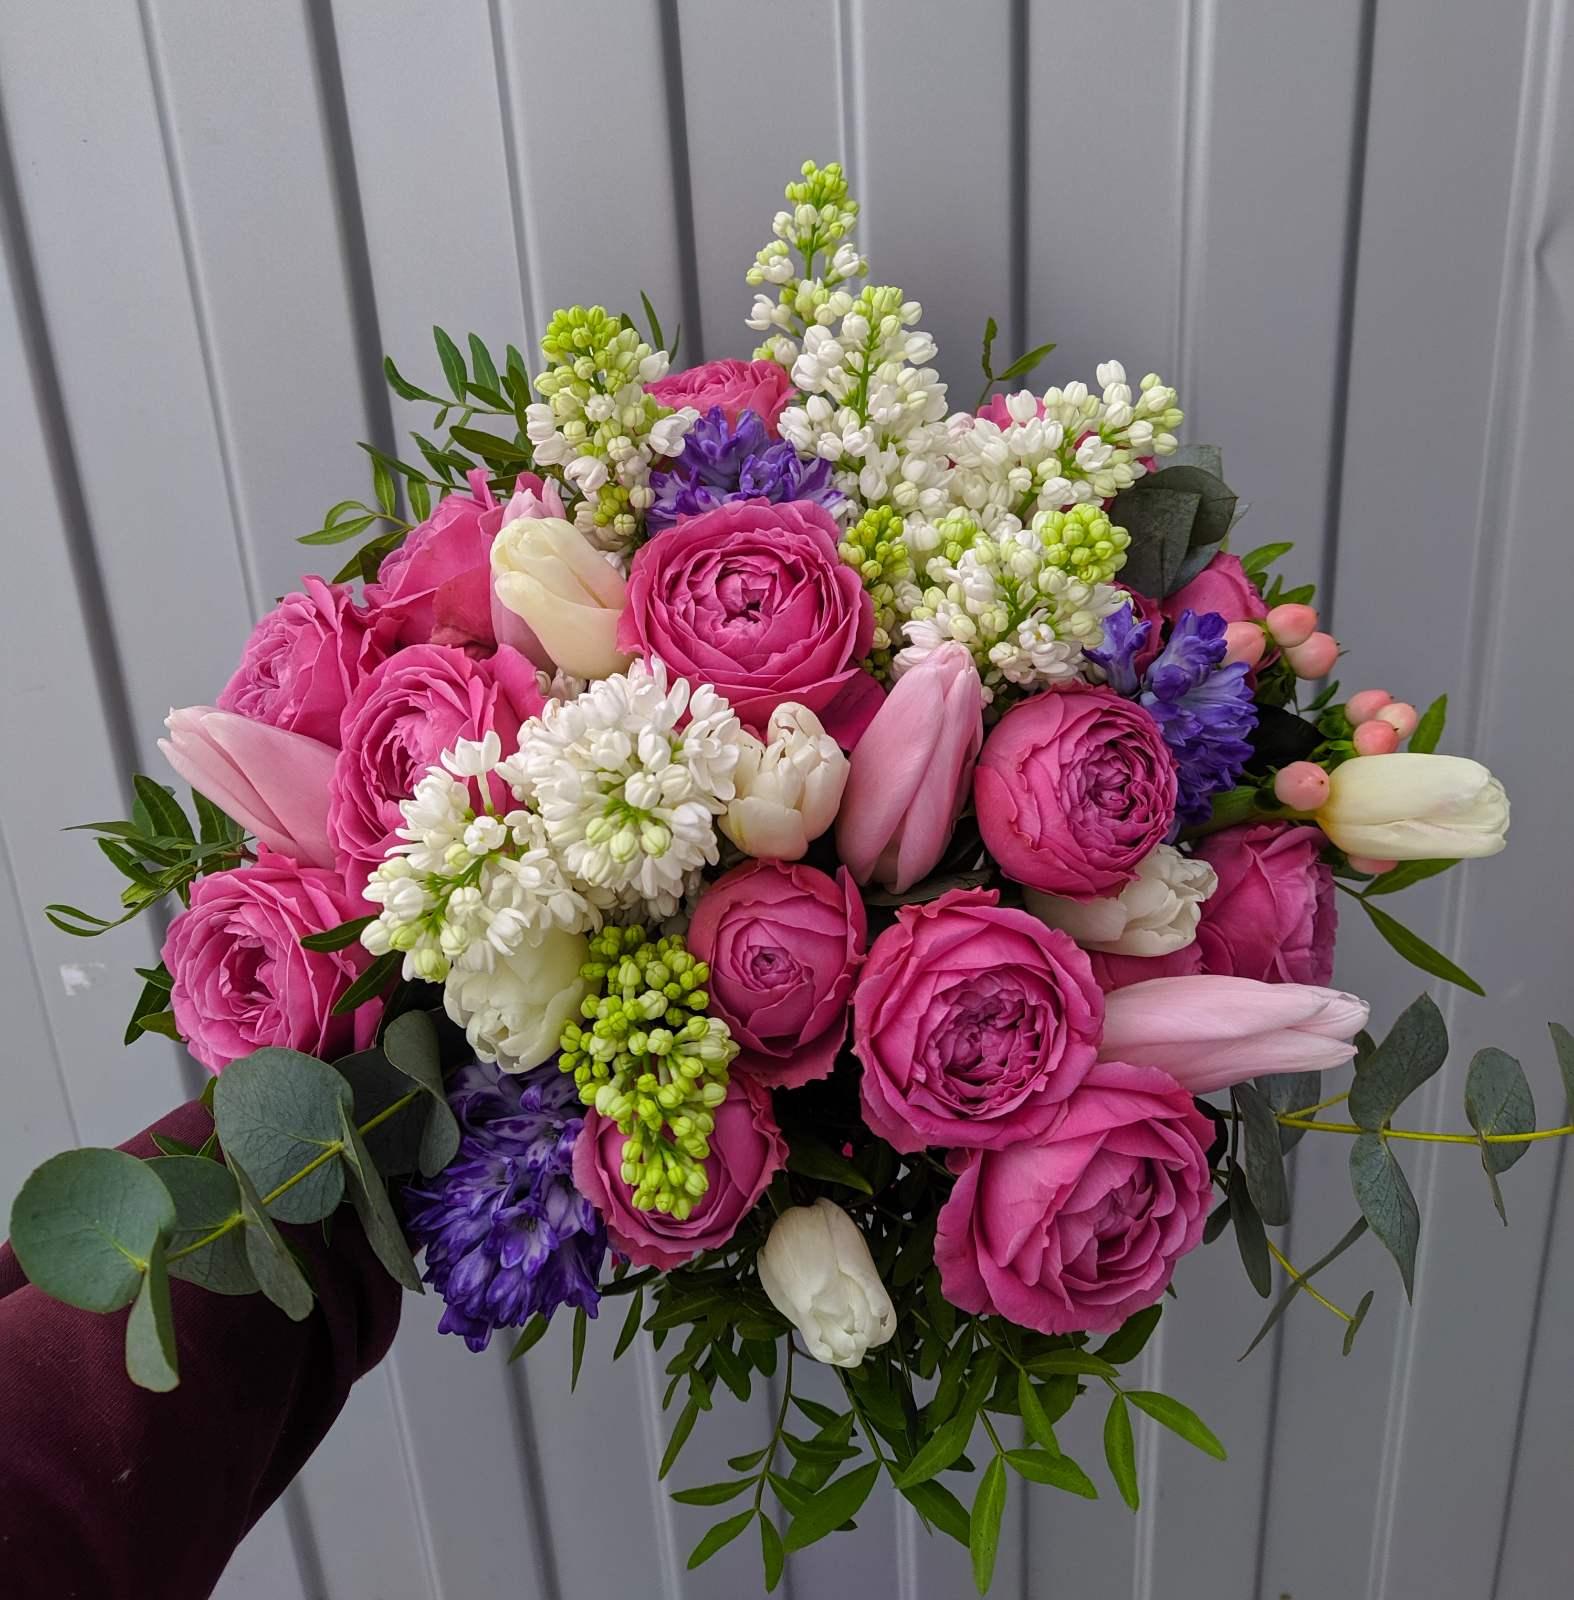 Букет с мисти баблс пионовидными розами